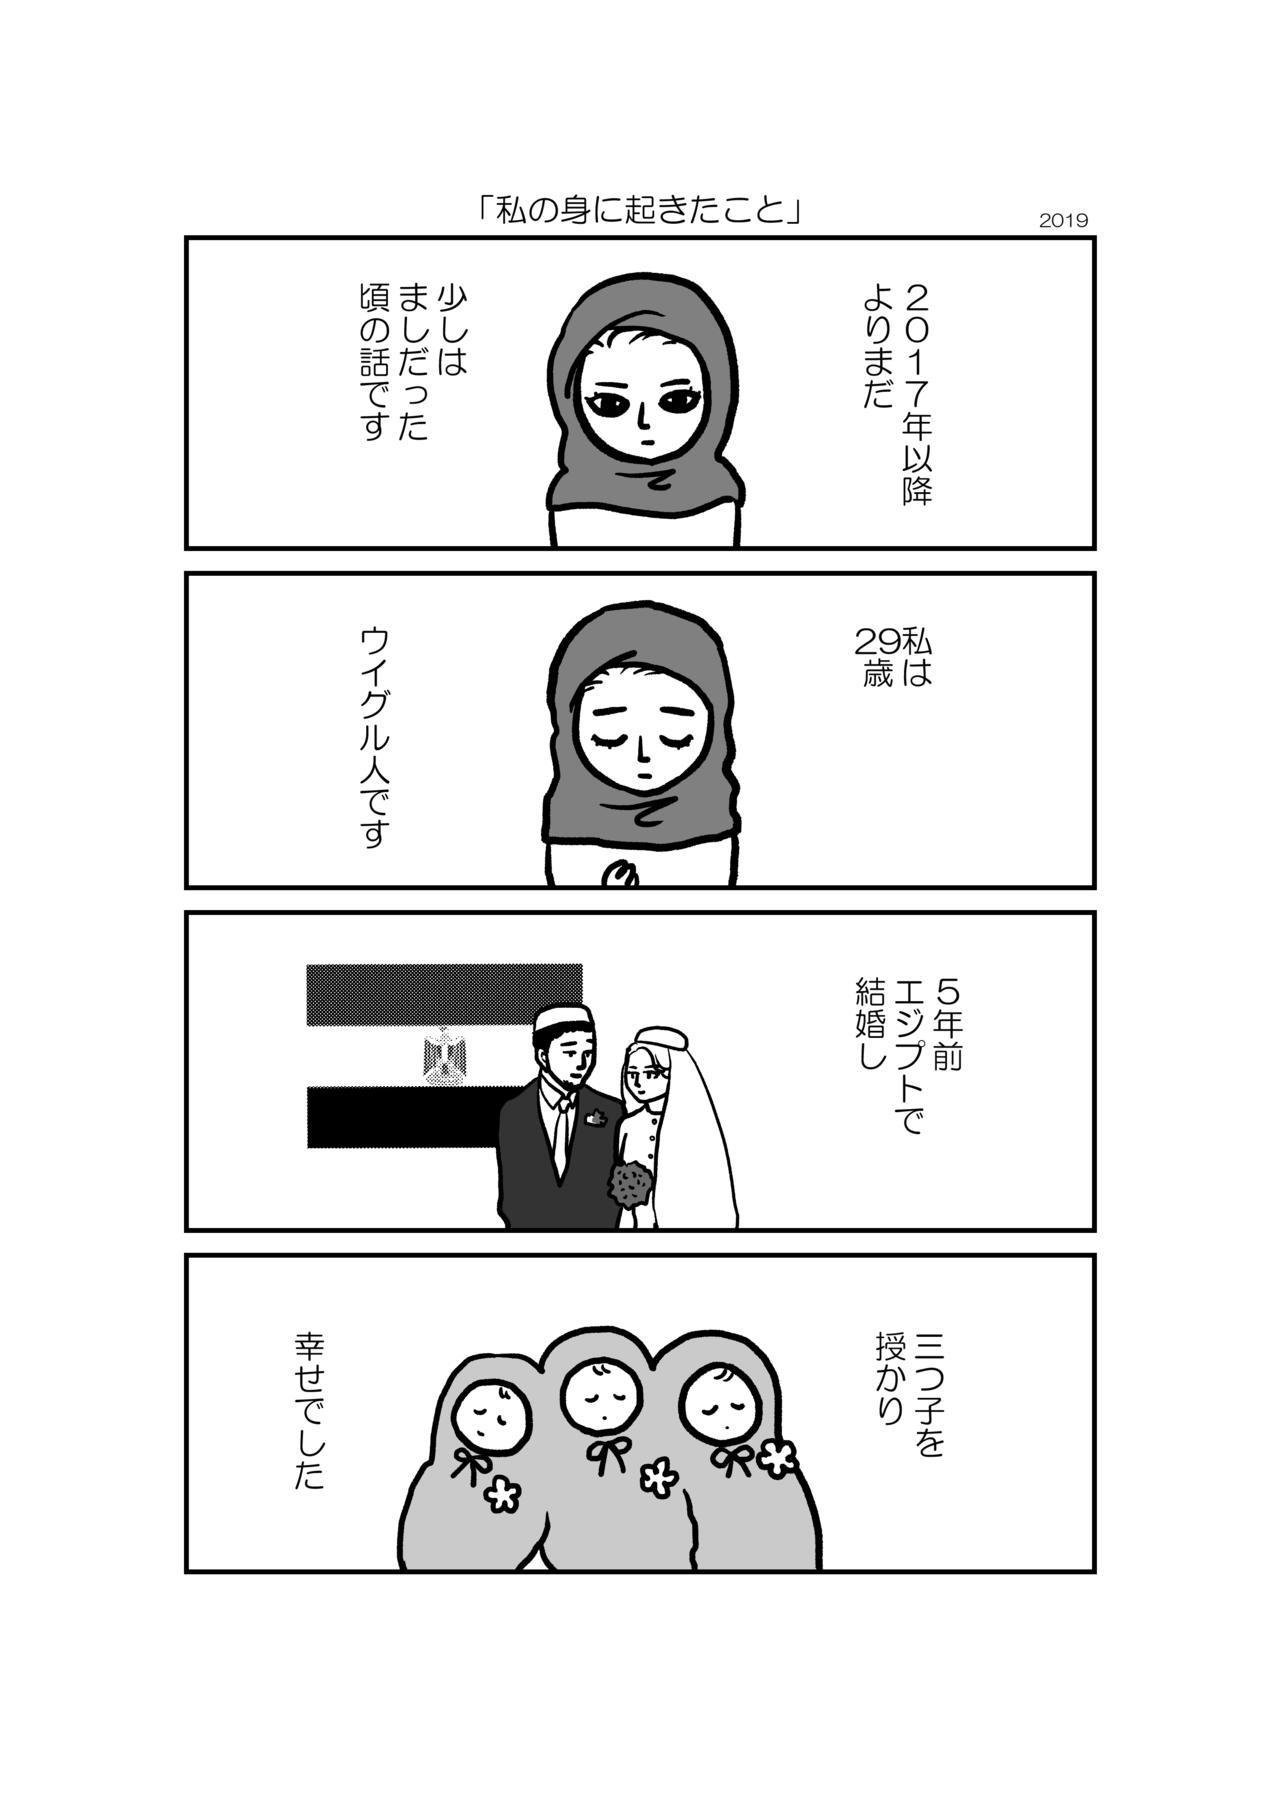 証言集会マンガ01